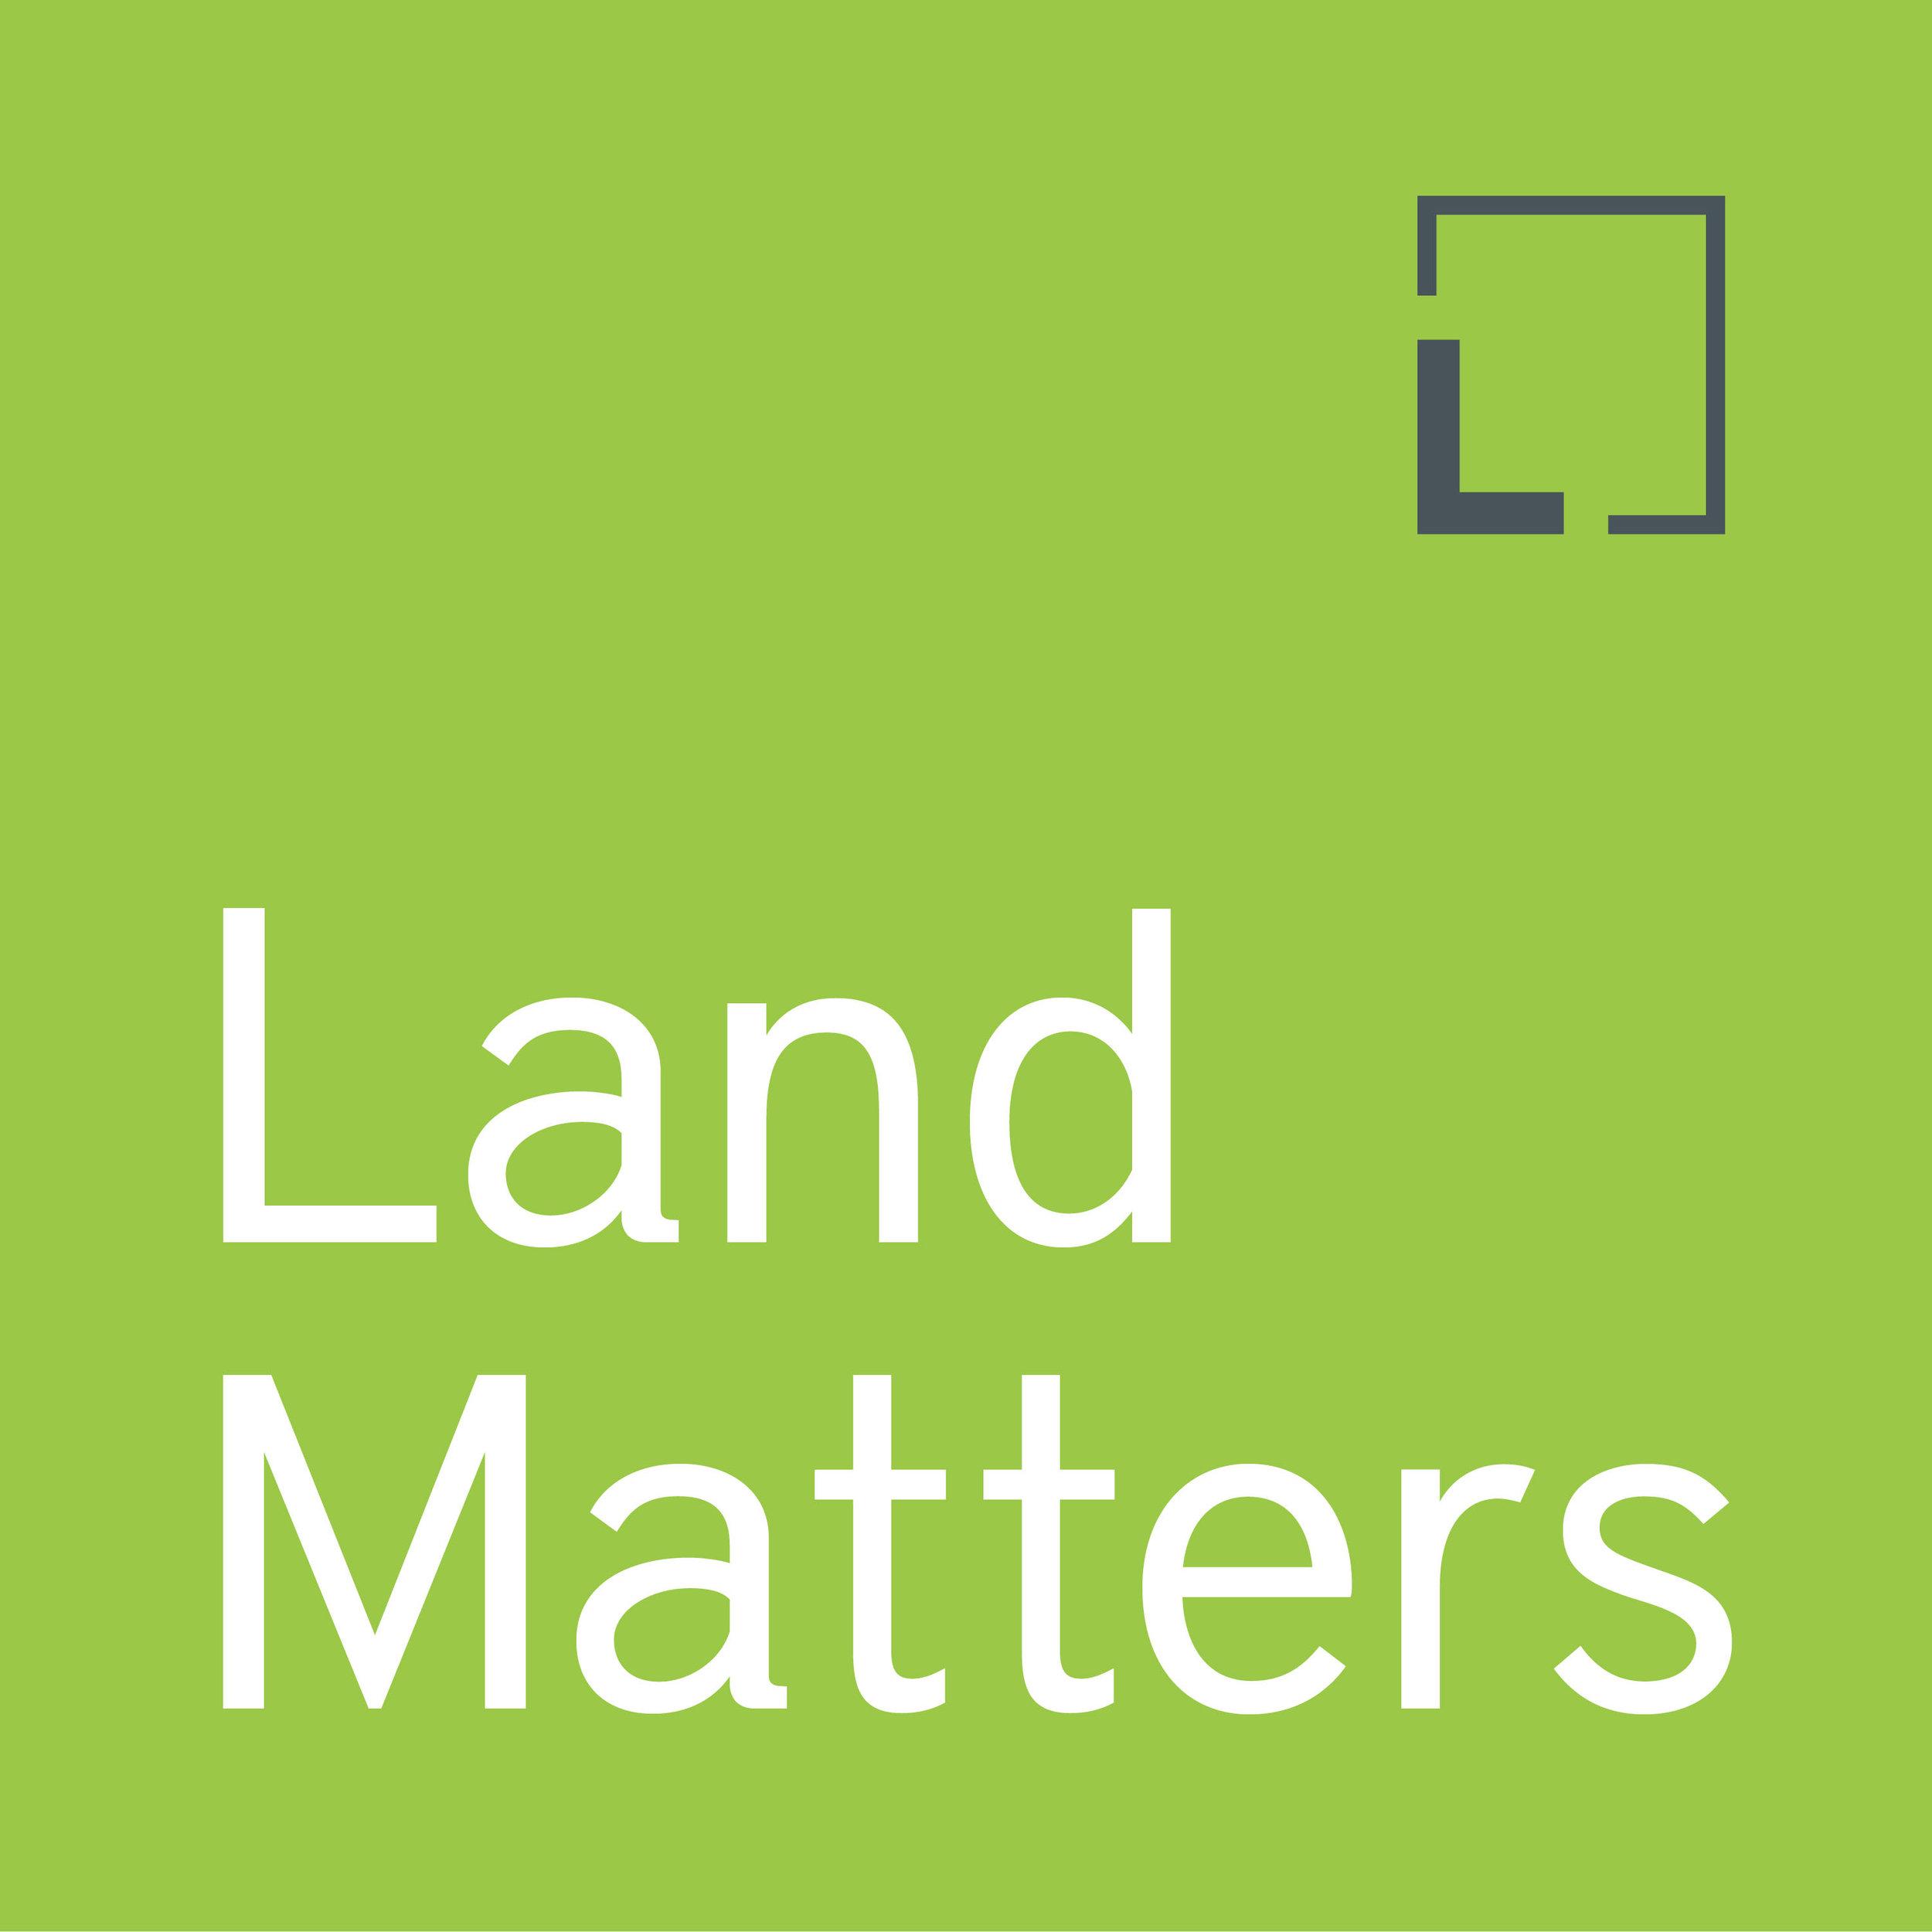 land-matters-logo.jpg